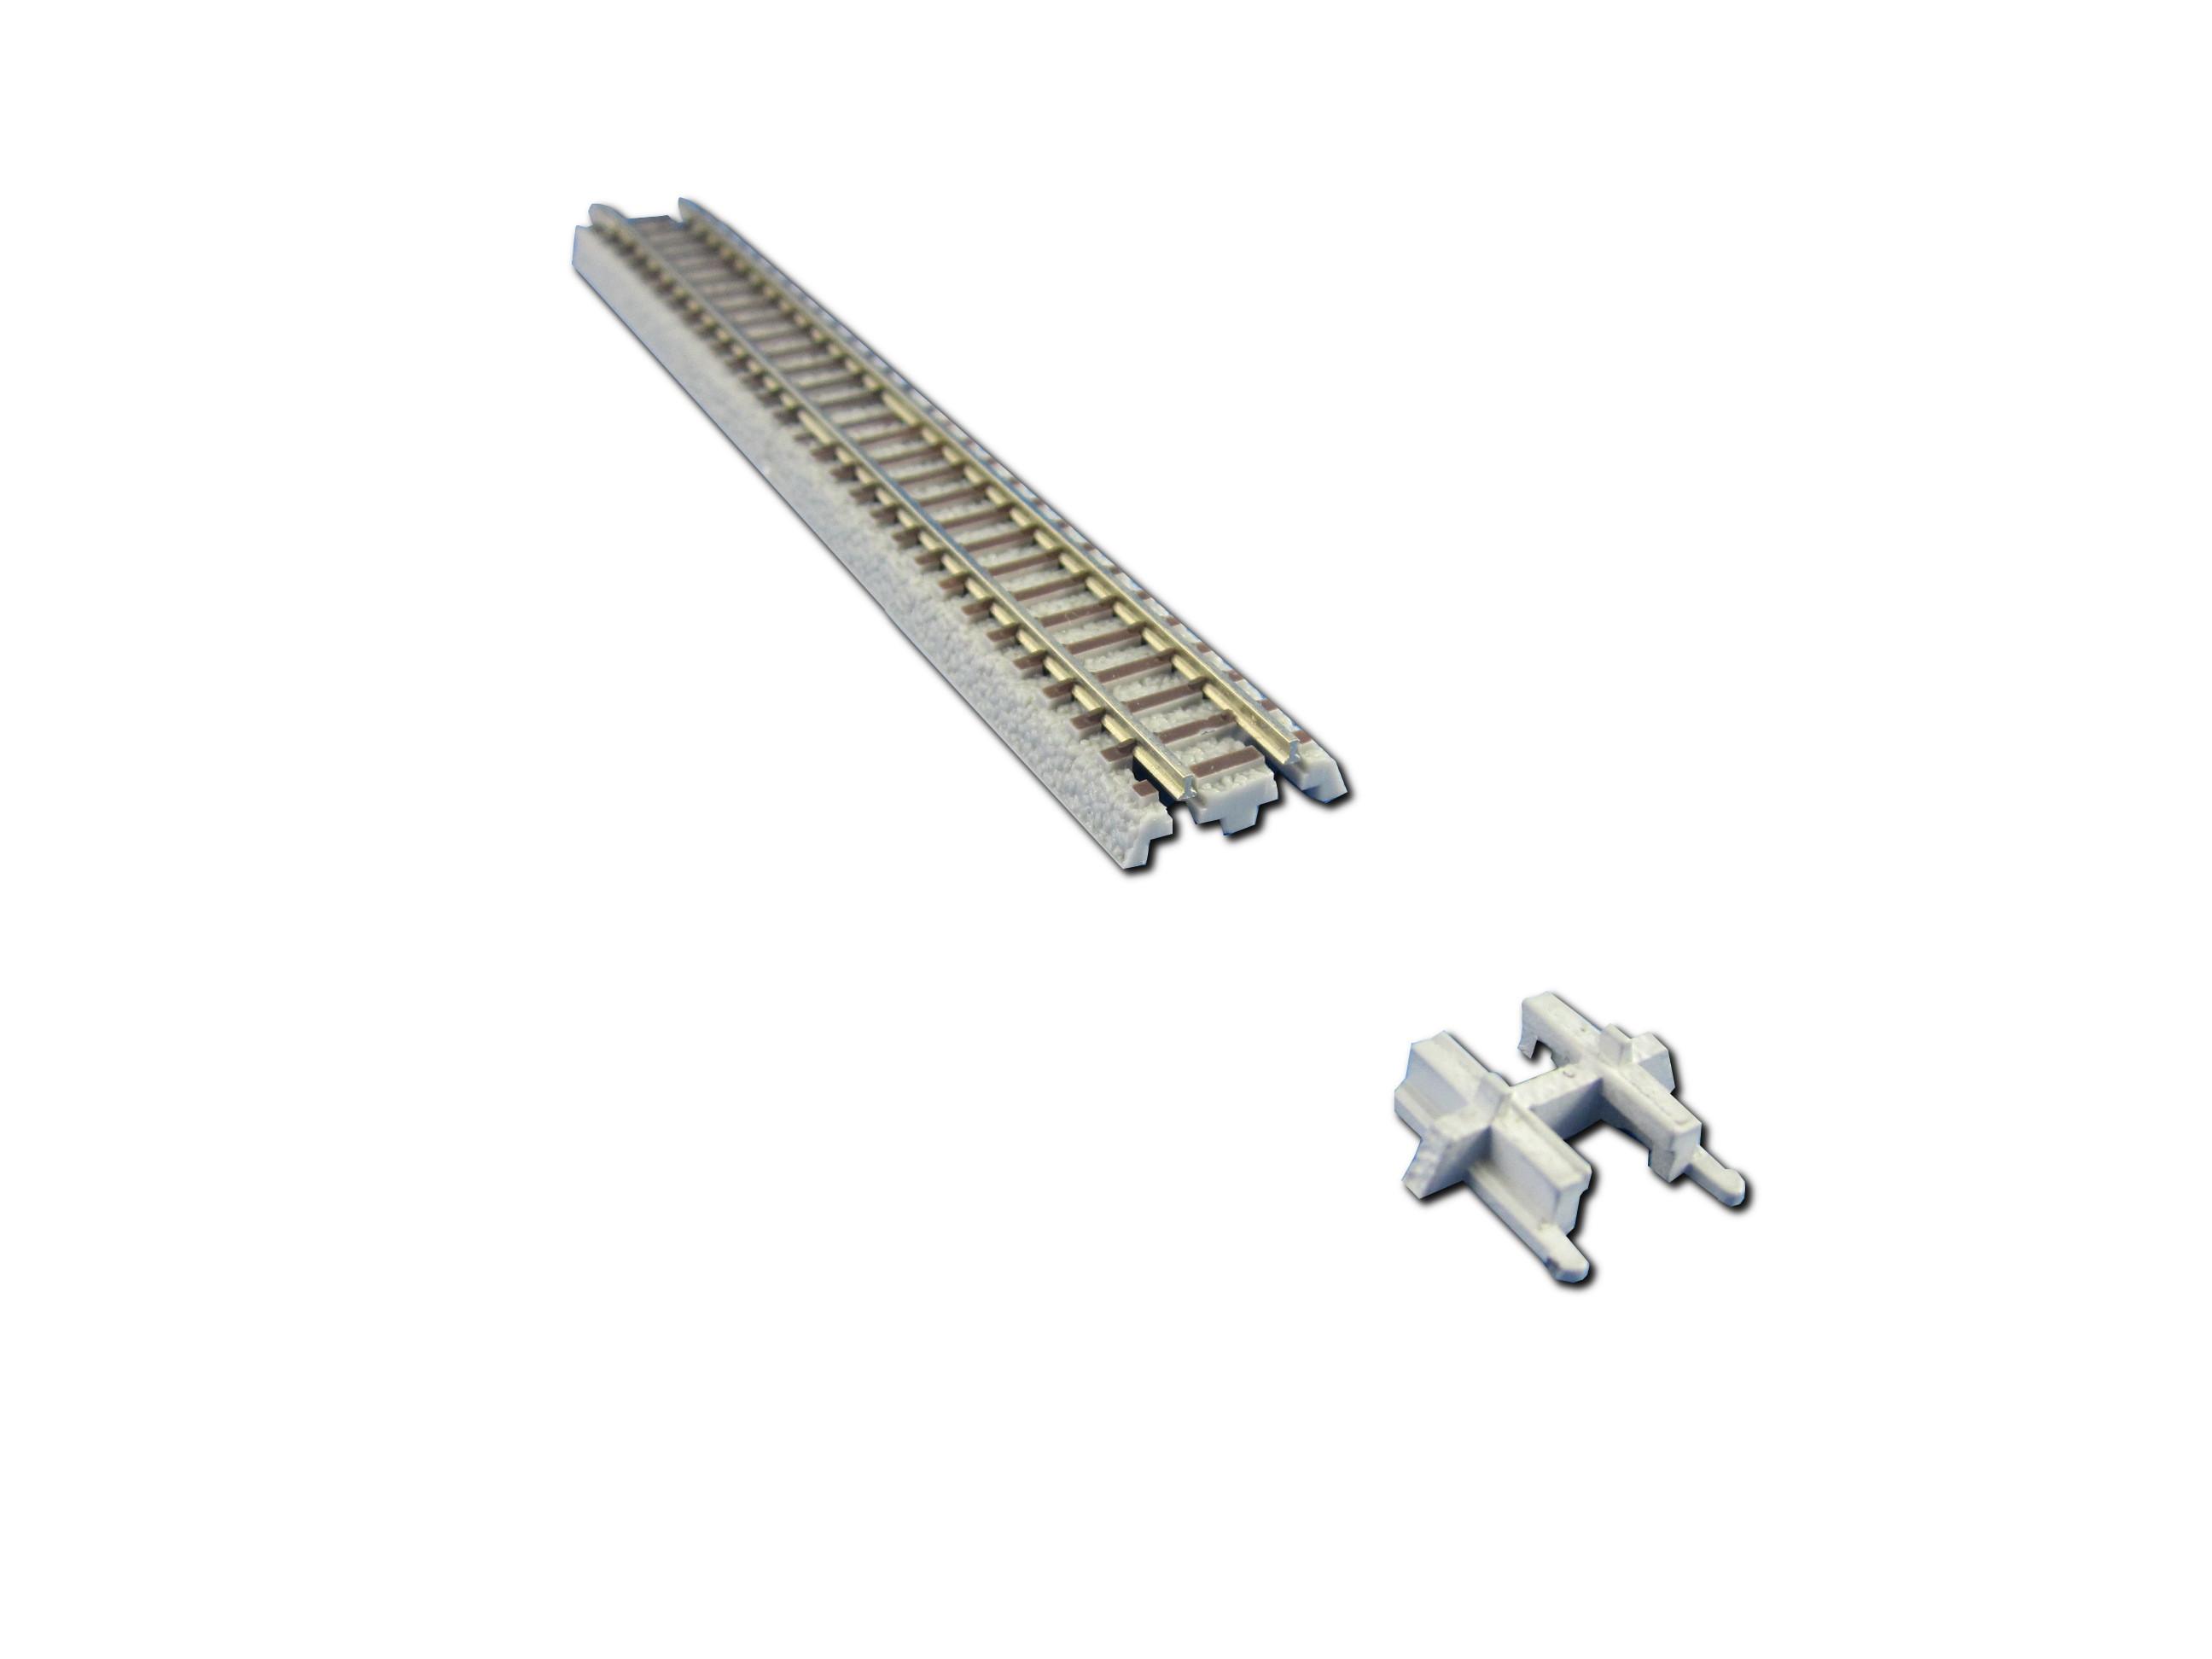 Rokuhan 7297413 <br/>Schienenverbinder, isoliert, 2 Stück 2